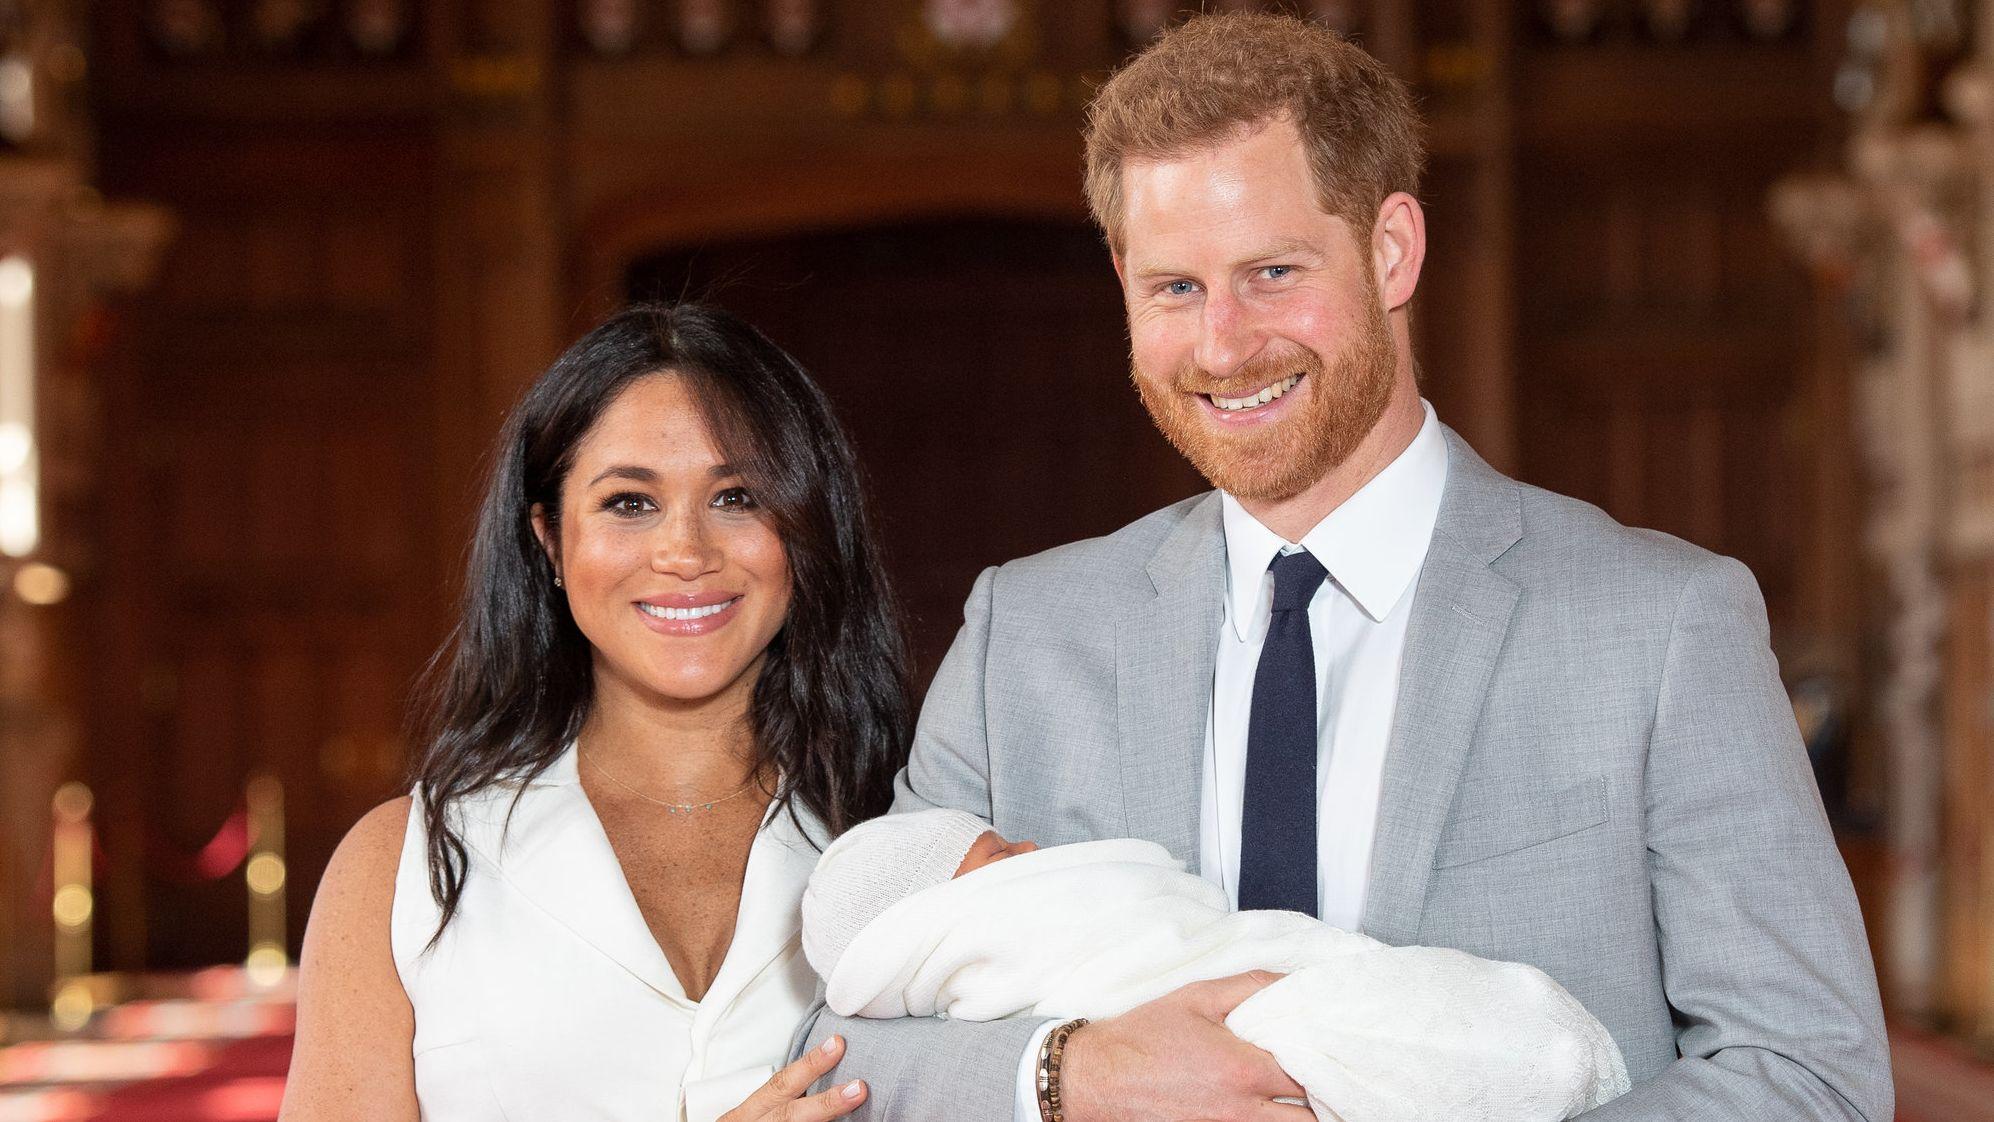 Prinz Harry und Herzogin Meghan stellen ihren neugeborenen Sohn Archie der Öffentlichkeit vor.